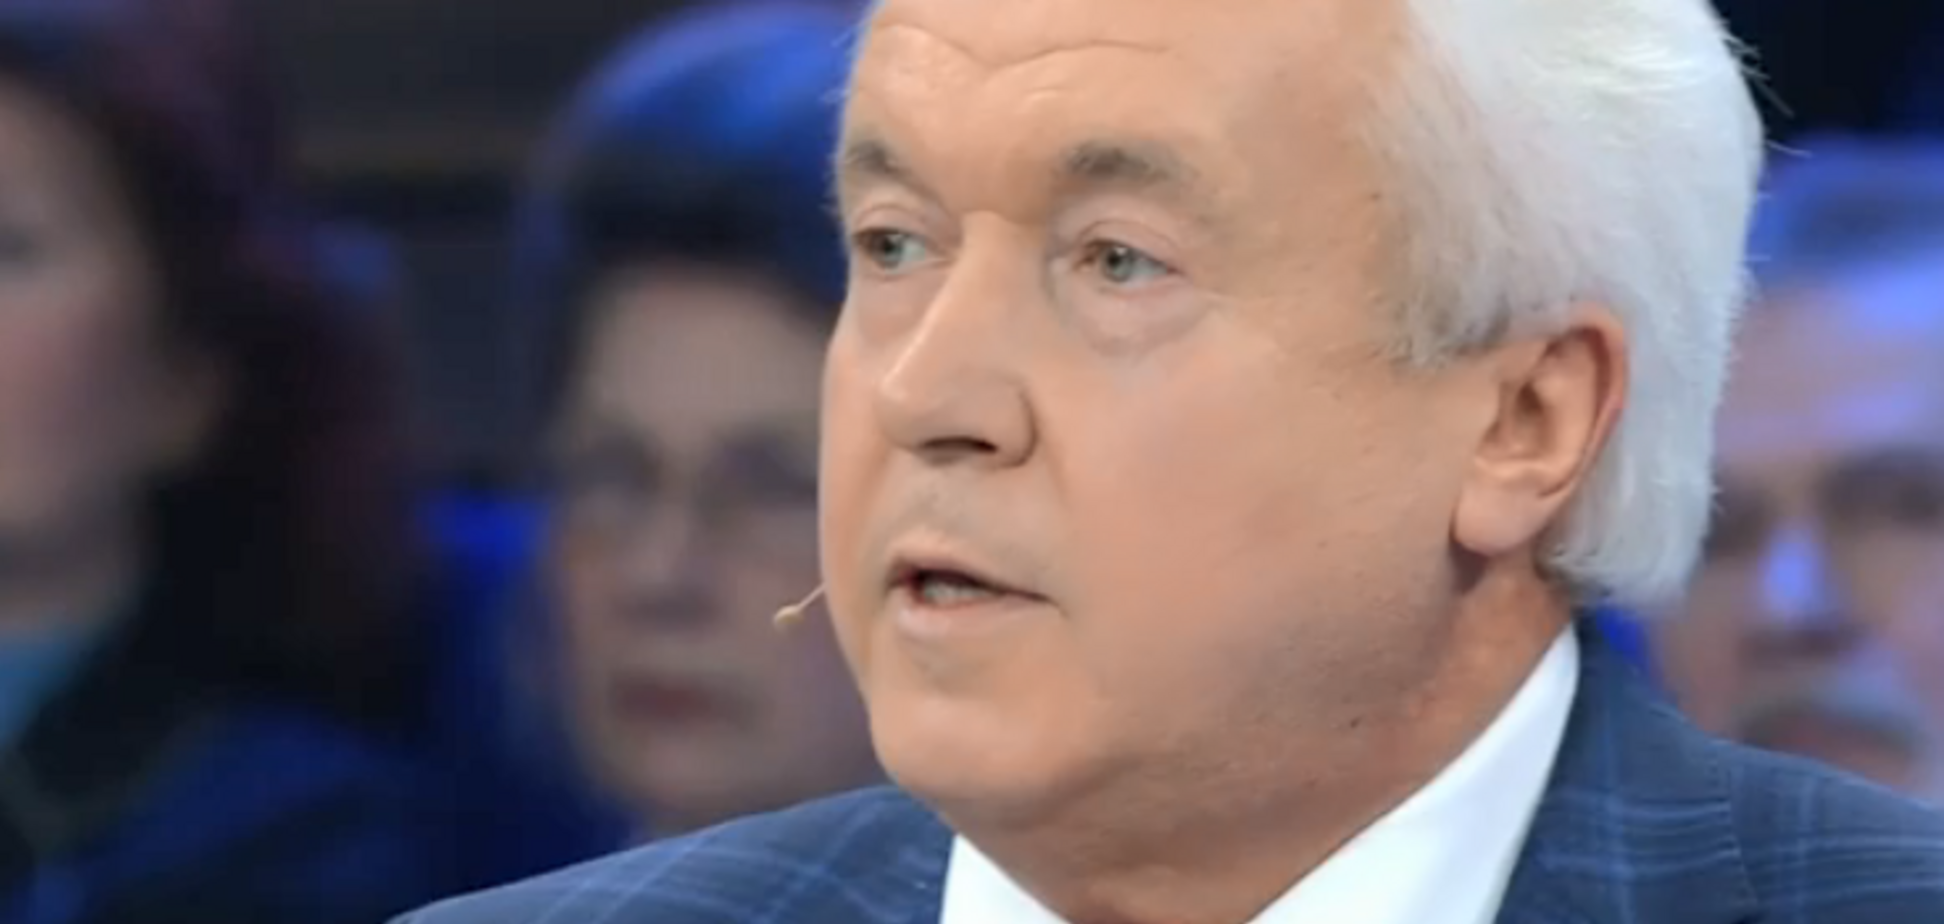 ''Детей прячут!'' Беглый экс-регионал оскандалился фейком об Украине на КремльТВ